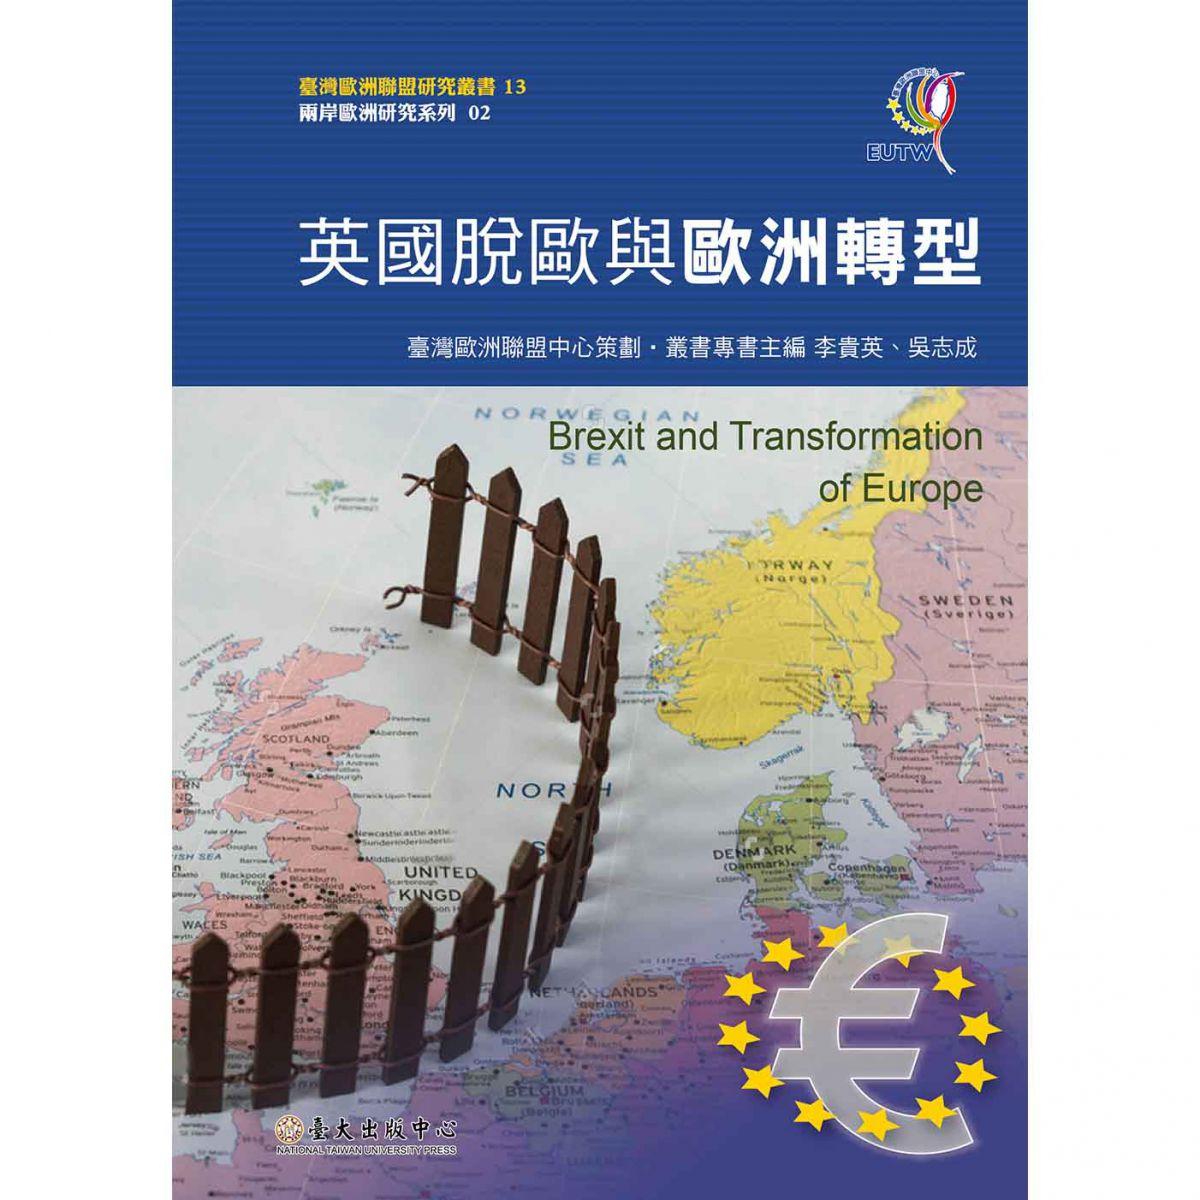 《英國脫歐與歐洲轉型》闡述歐盟面對債務危機所進行之結構改革